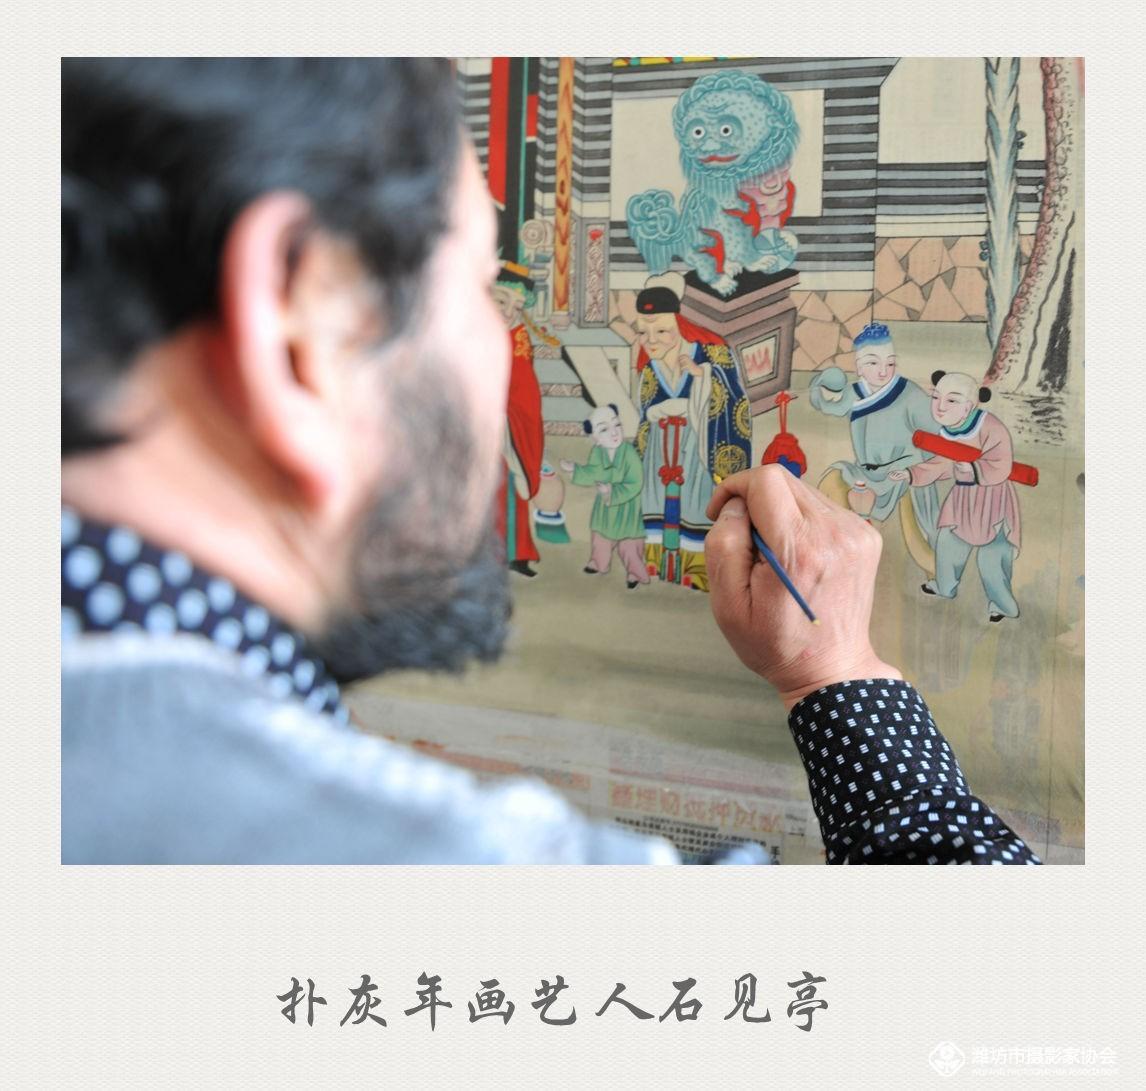 【扑灰年画艺人石见亭、李爱玲夫妇】2.jpg